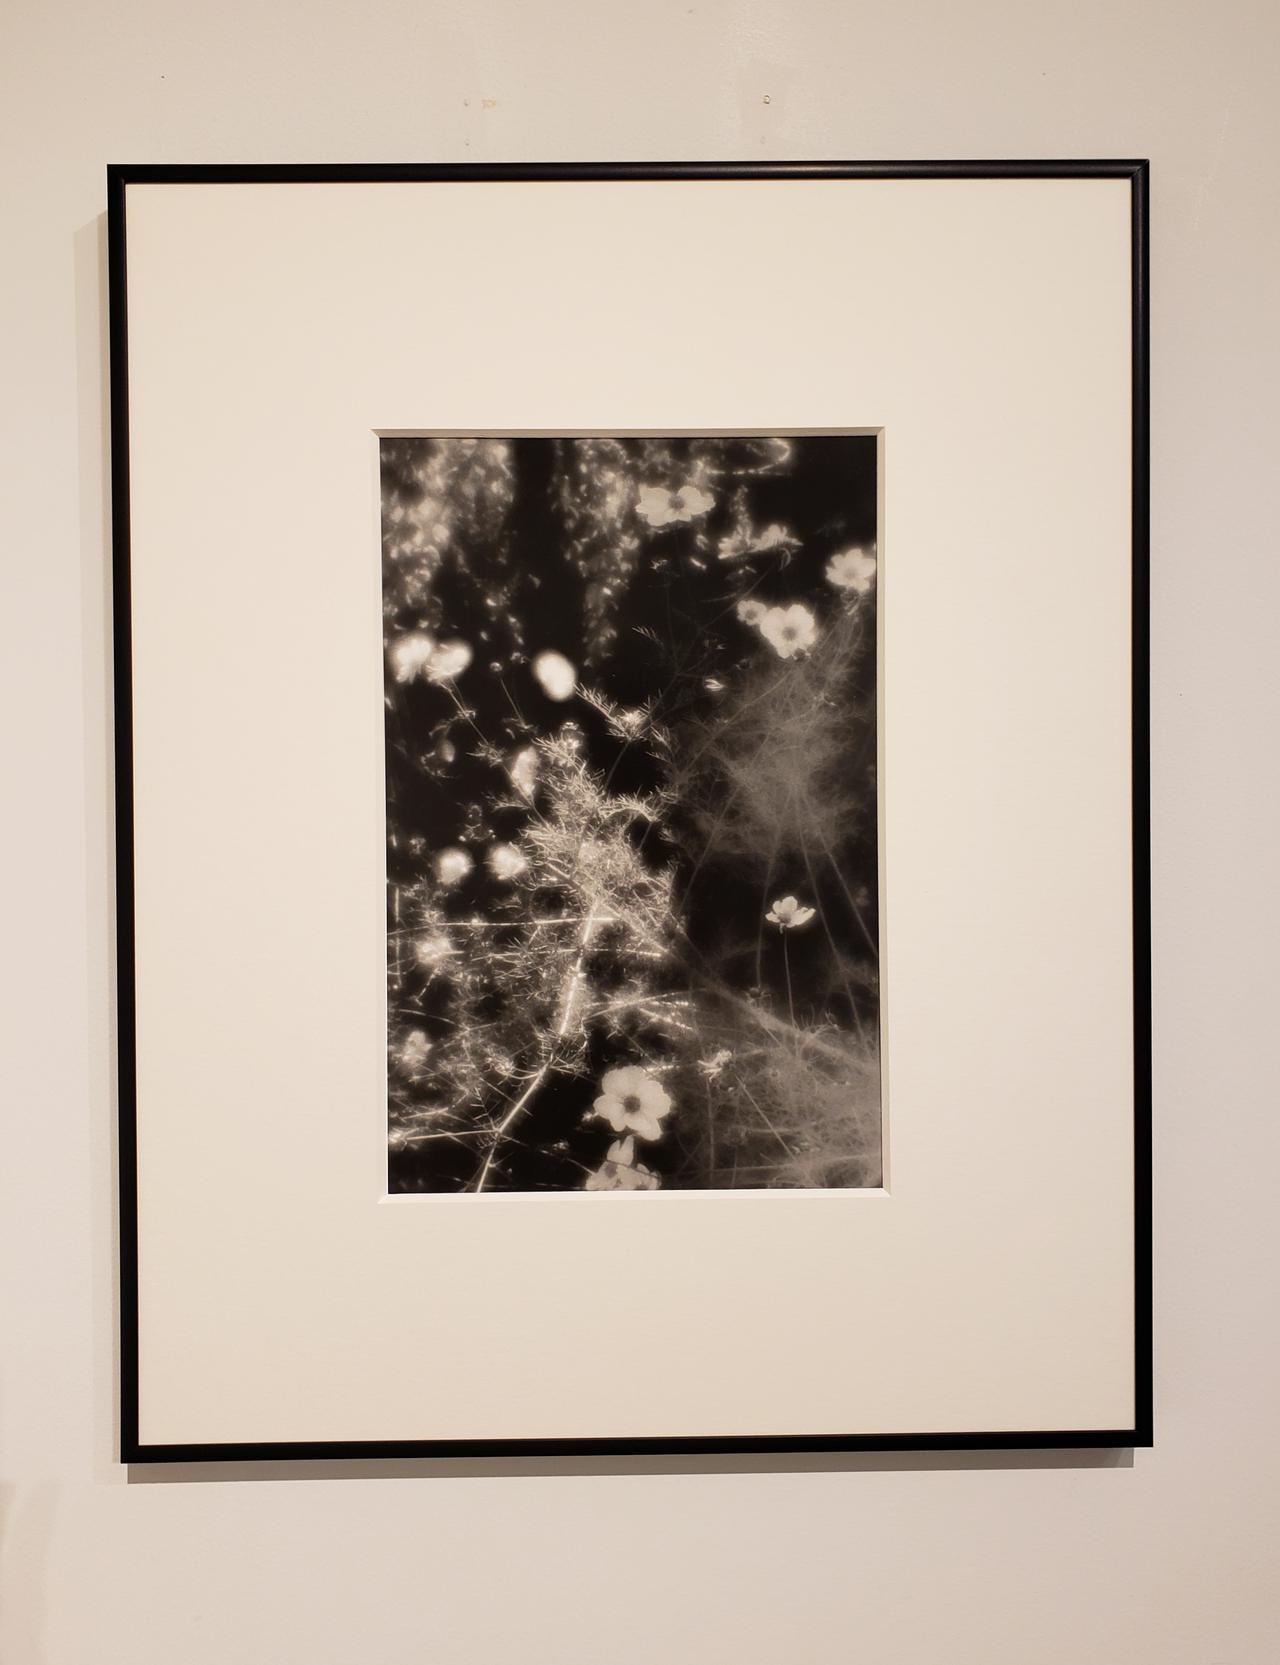 画像: 展示作品より。 会場では、平林達也さんの写真集「白い花 White Flowers」(UI出版/2018年)やポストカードなども販売中です。